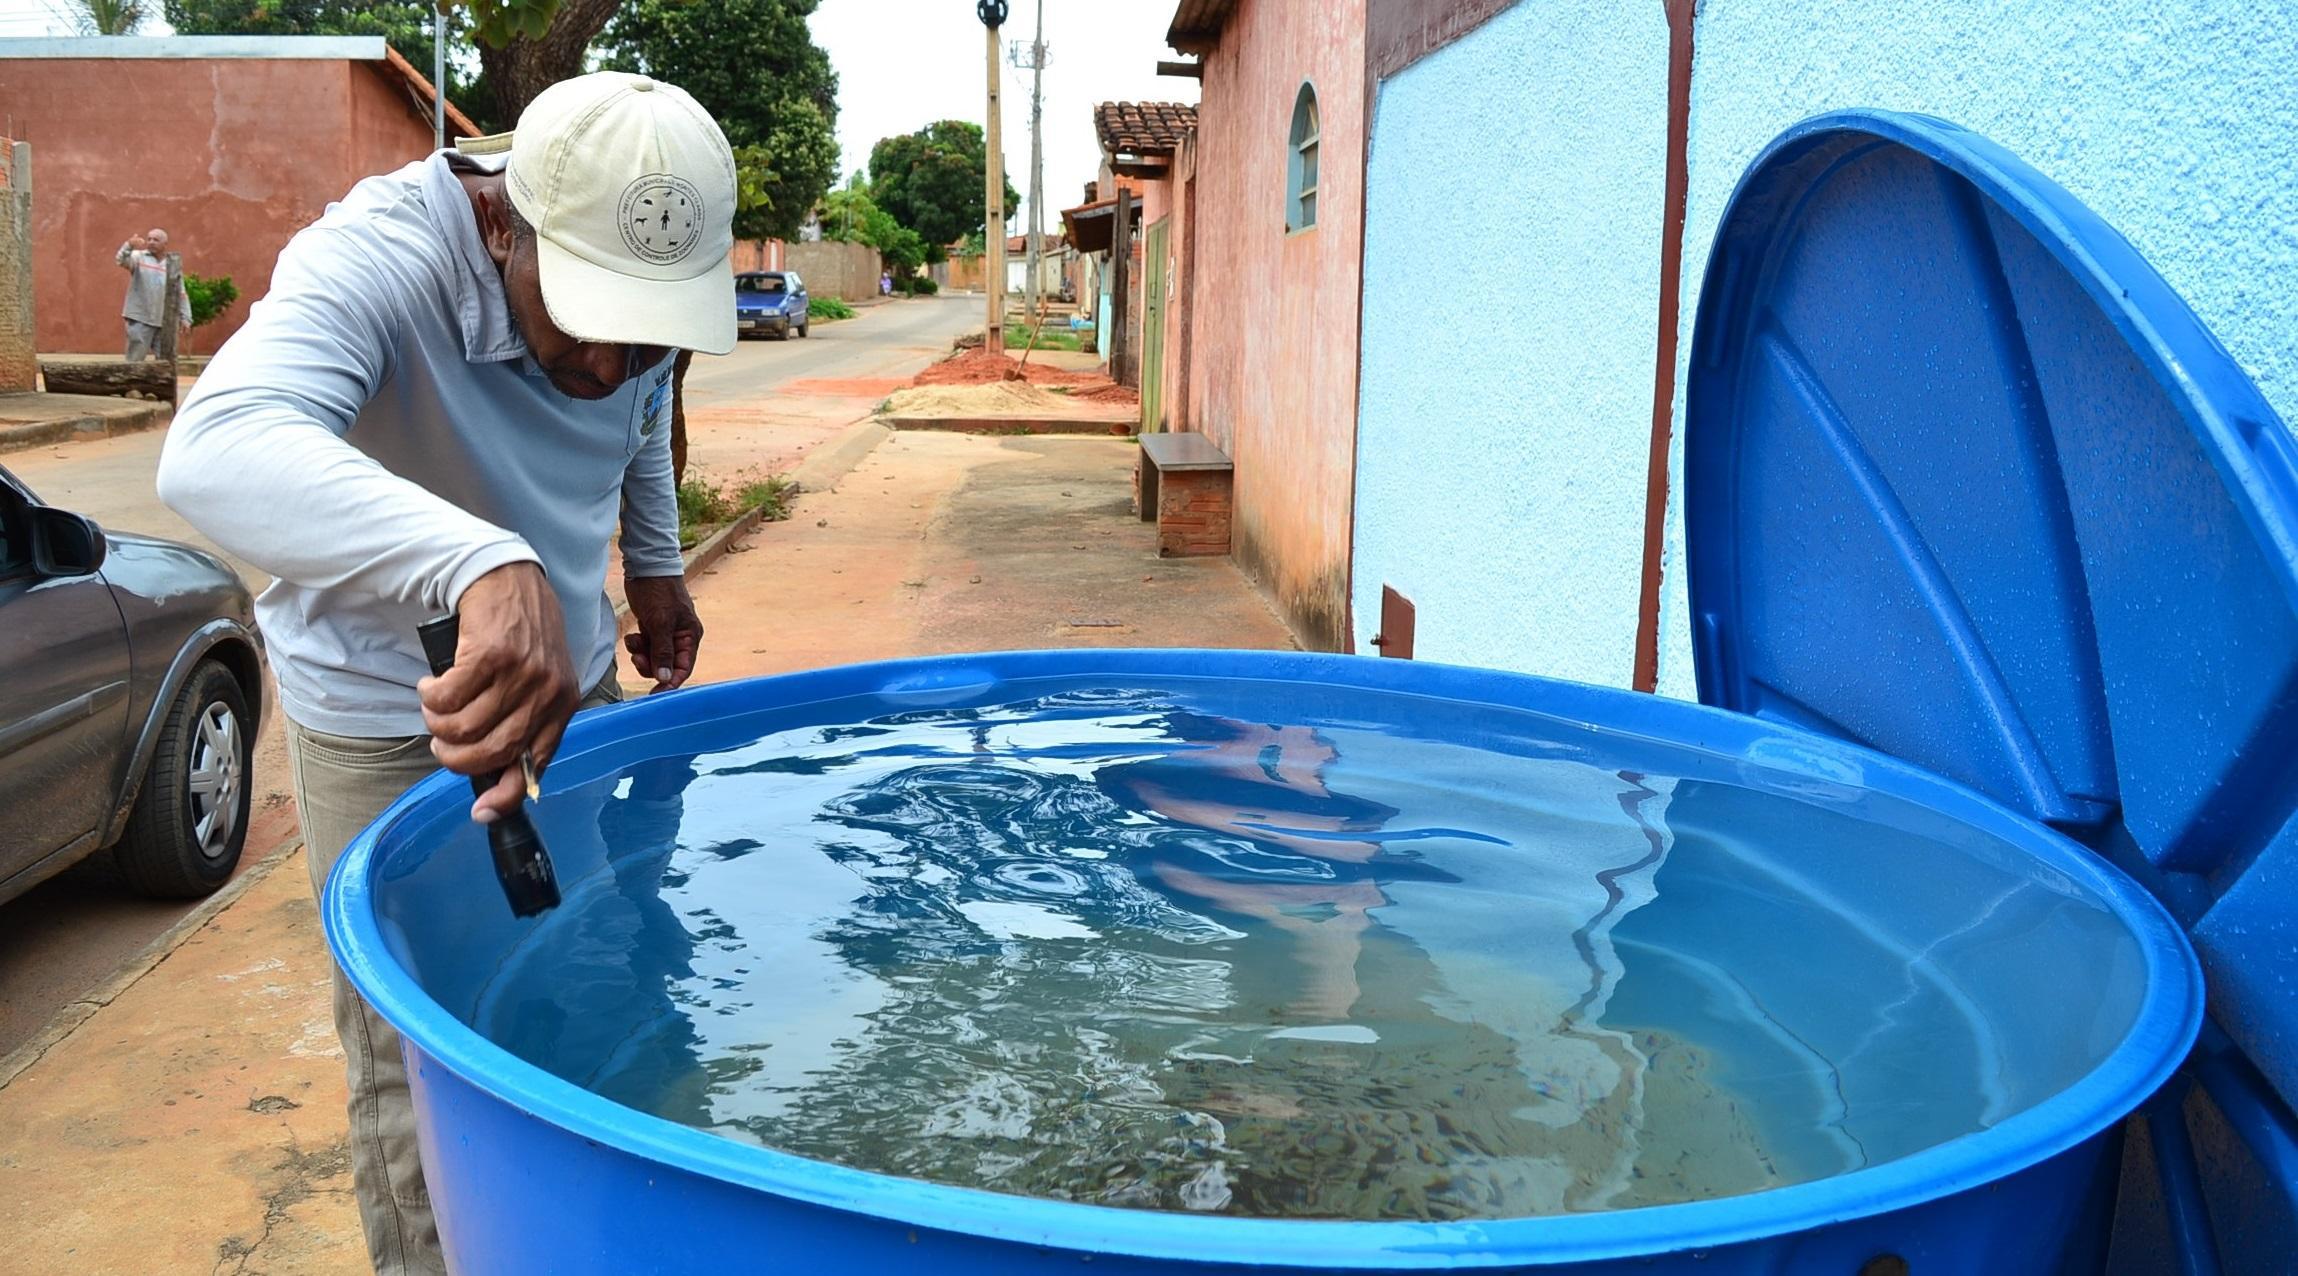 Imagem de destaque 96% DOS FOCOS ESTÃO NAS RESIDÊNCIAS - Montes Claros apresenta alto risco de transmissão da dengue, aponta último LIRAa